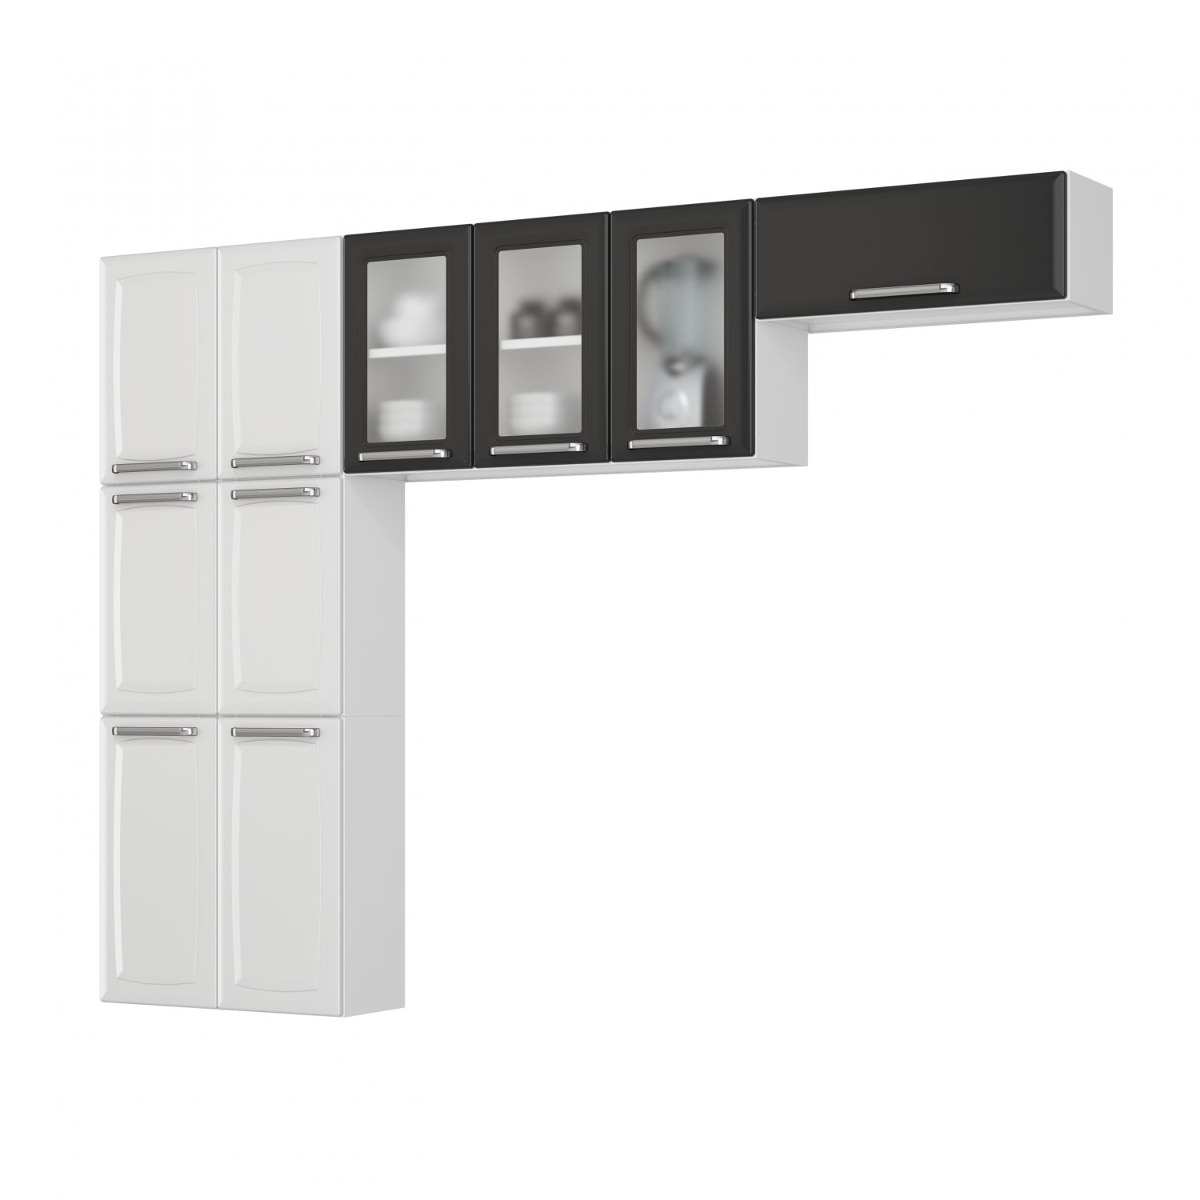 Cozinha Compacta 3 Pe As Sem Balc O 3 Portas De Vidro A R 699 90